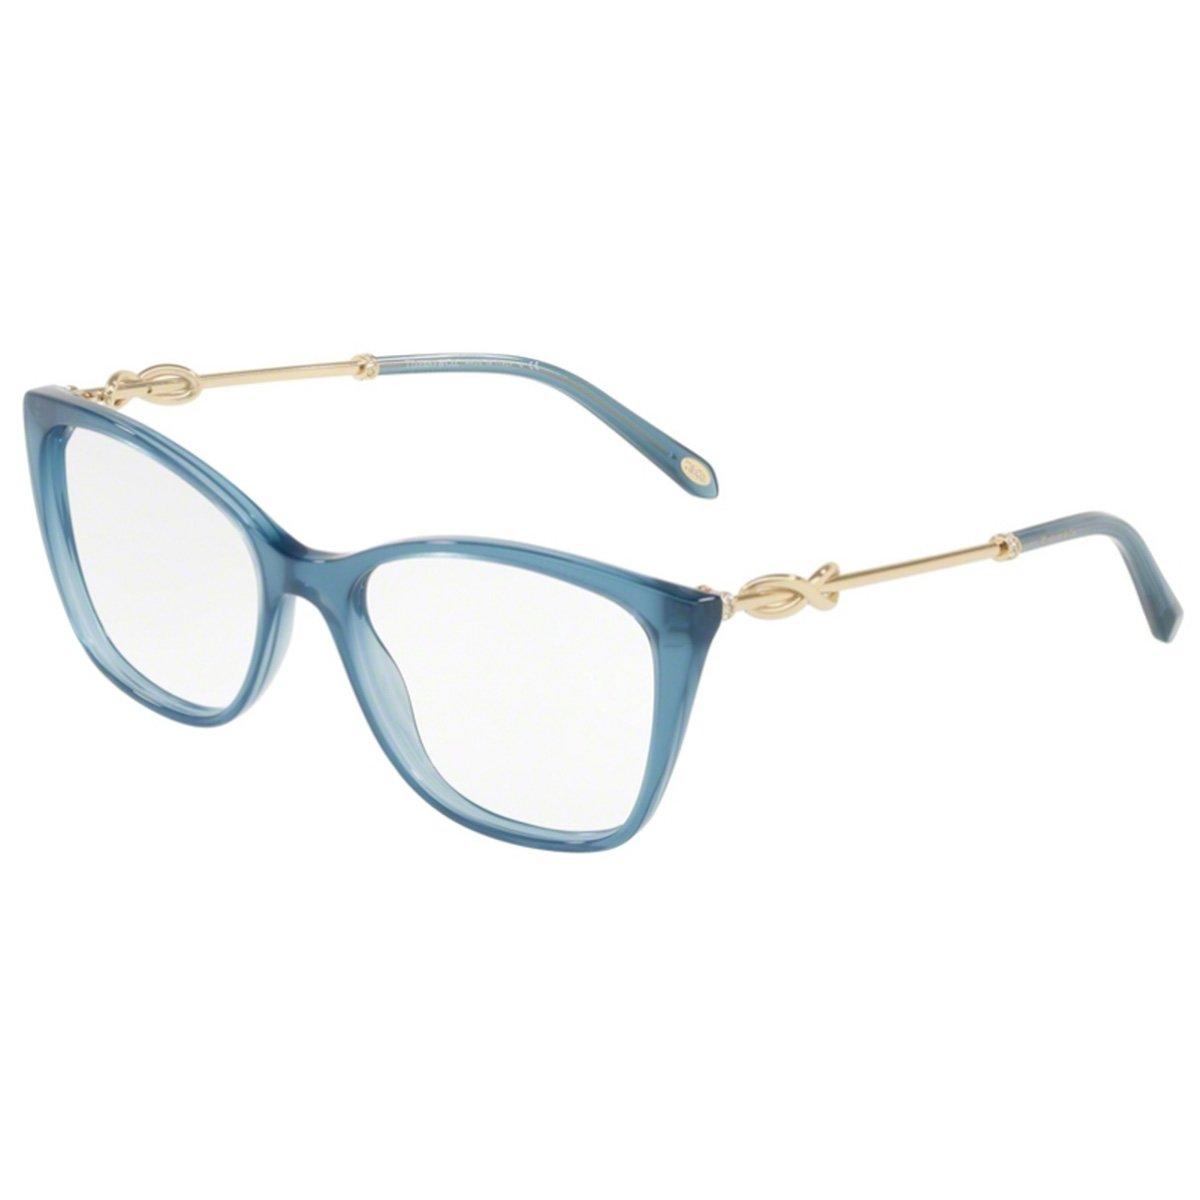 Compre Óculos de Grau Tiffany   Co. em 10X   Tri-Jóia Shop c150d73e98